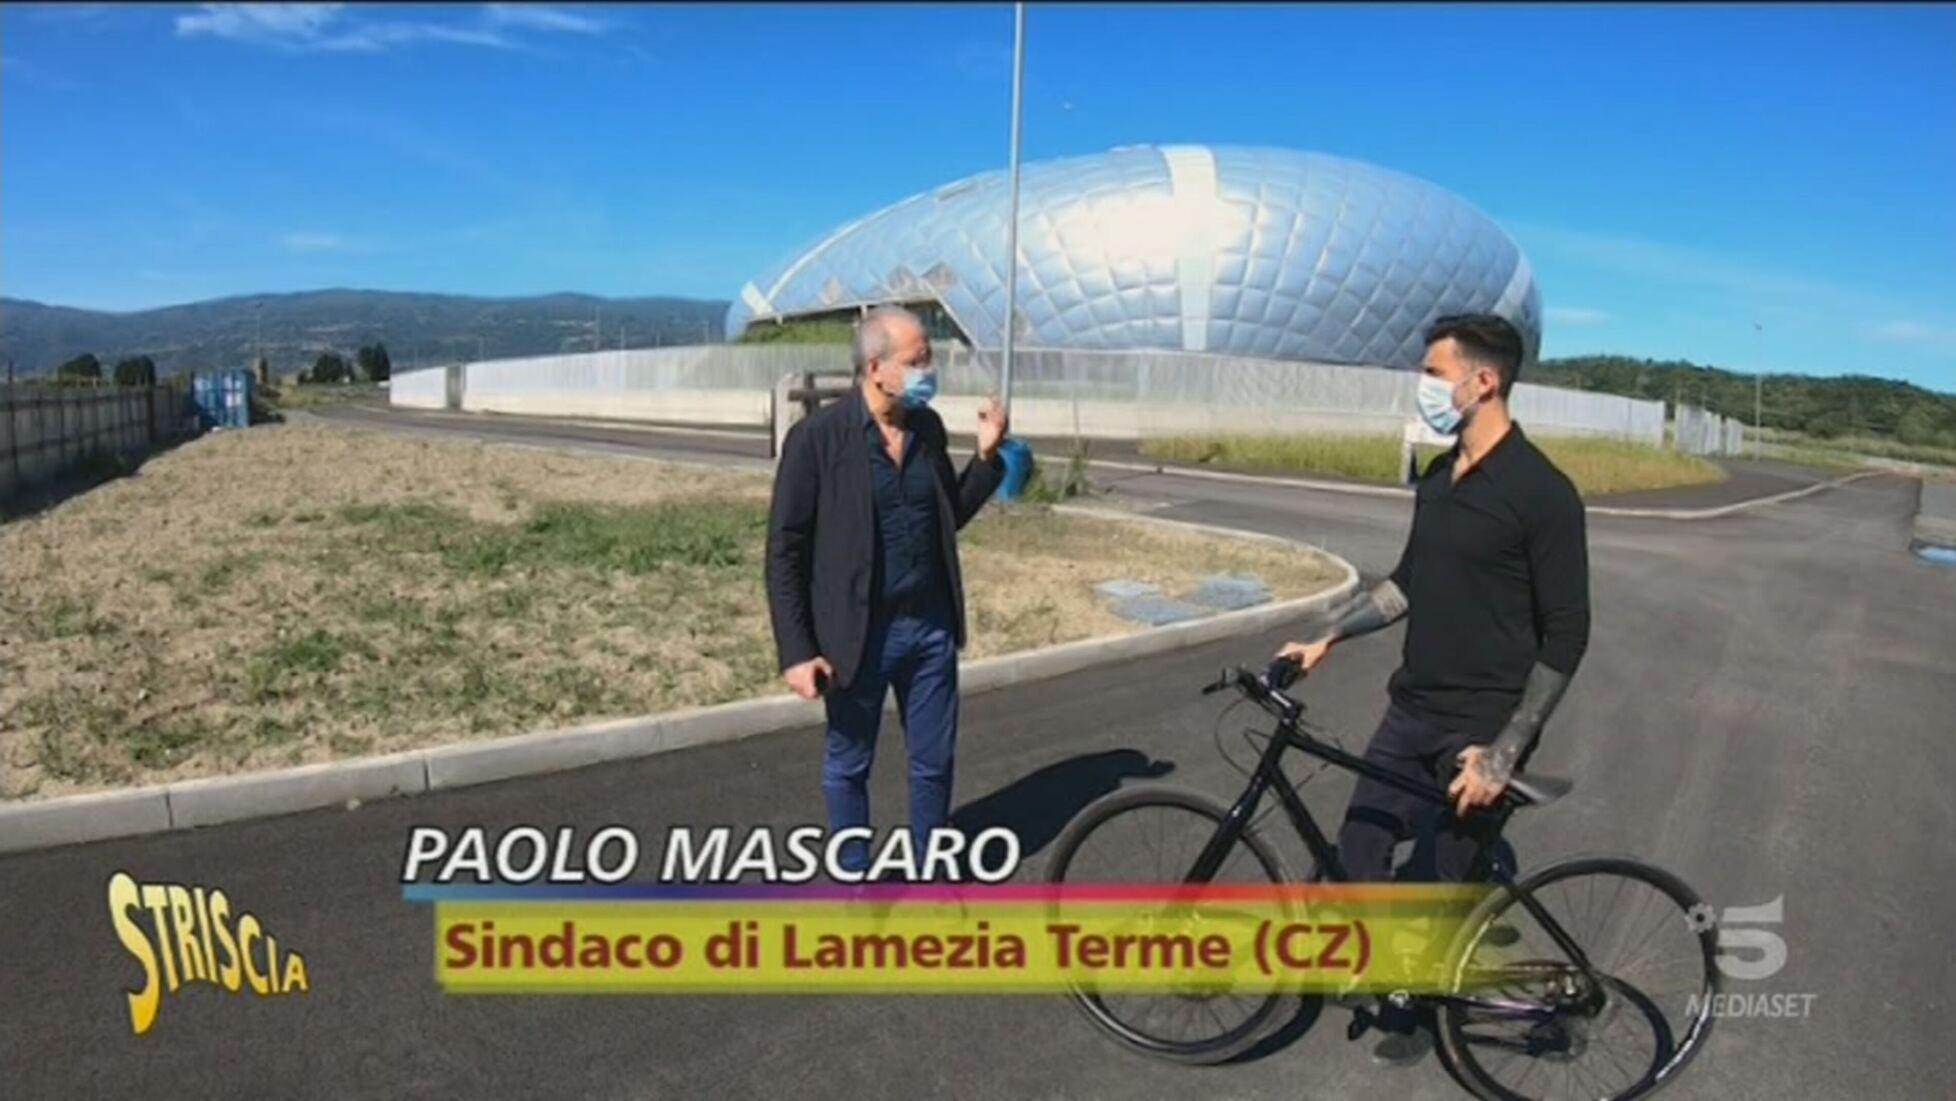 Incompiute Il Palazzetto Dello Sport Di Lamezia Terme Striscia La Notizia Video Mediaset Infinity